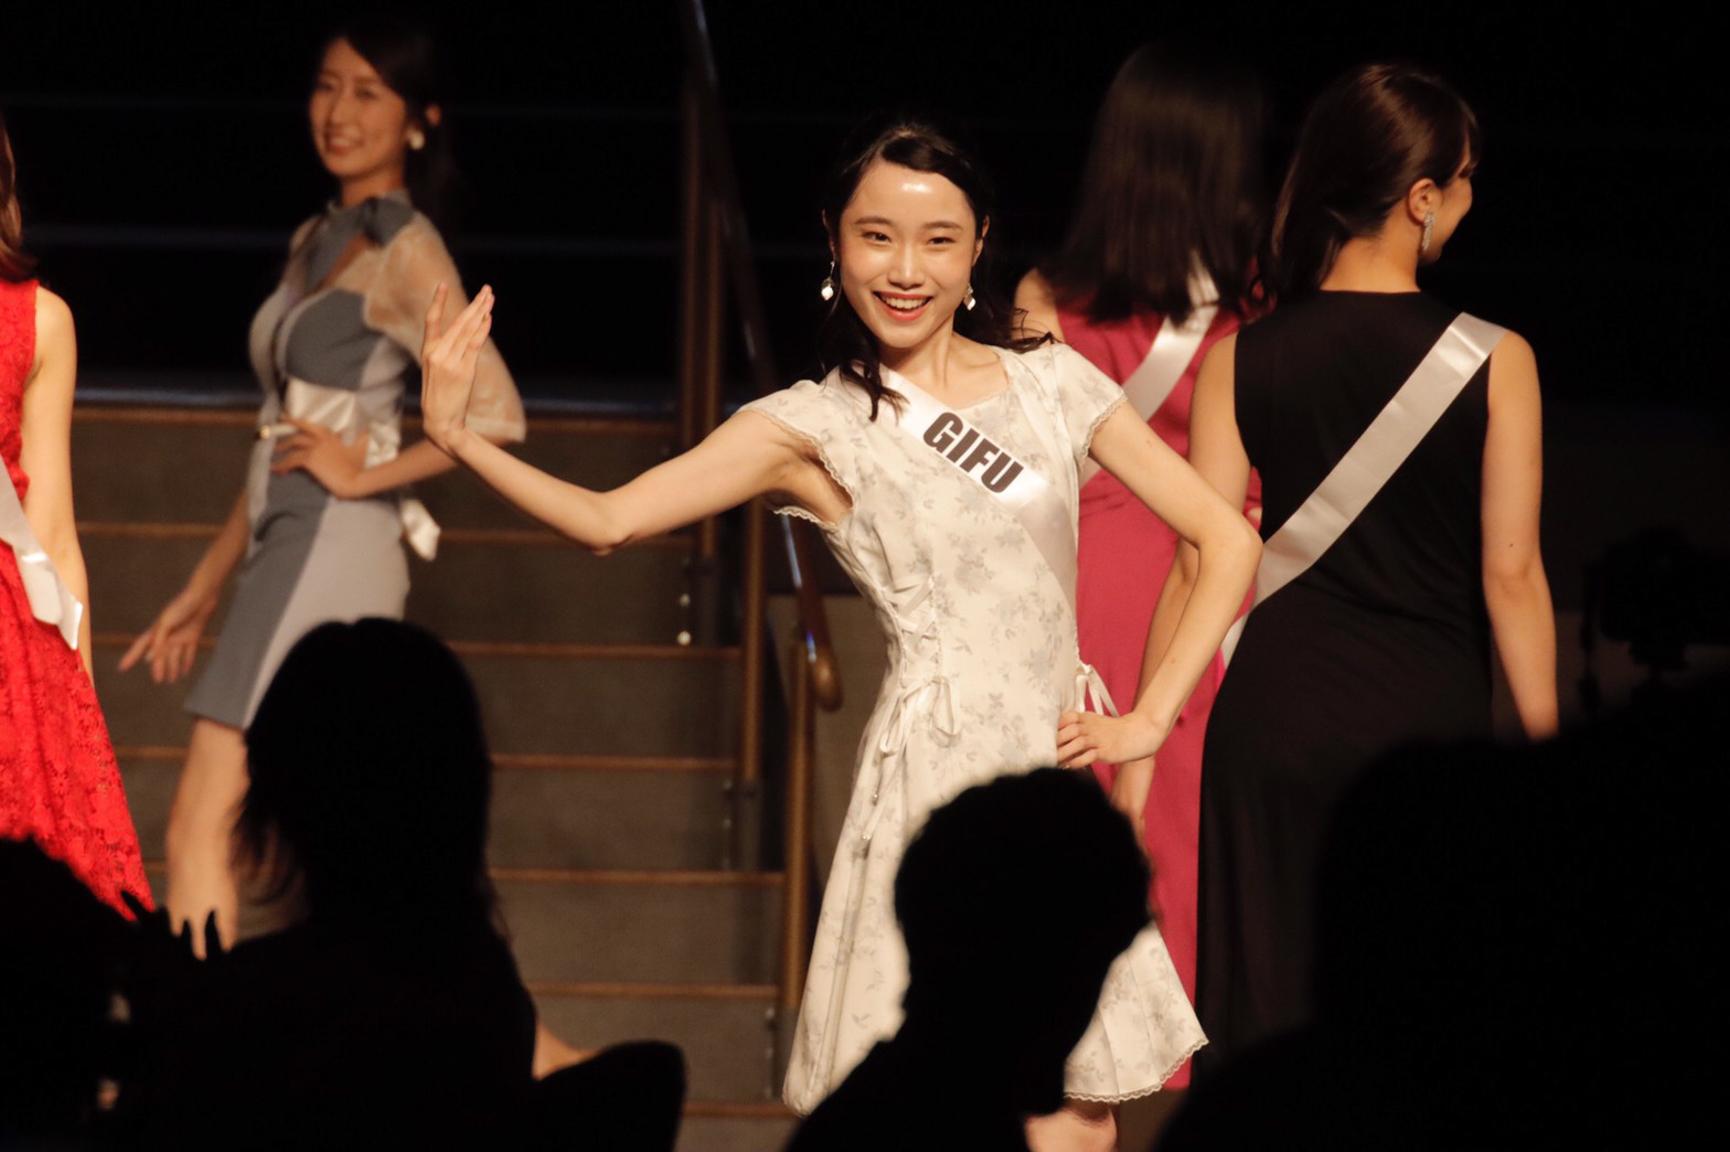 高村優奈(慶応義塾大学)『2021ミス・ジャパン』ファイナリスト ACTRESS PRESS